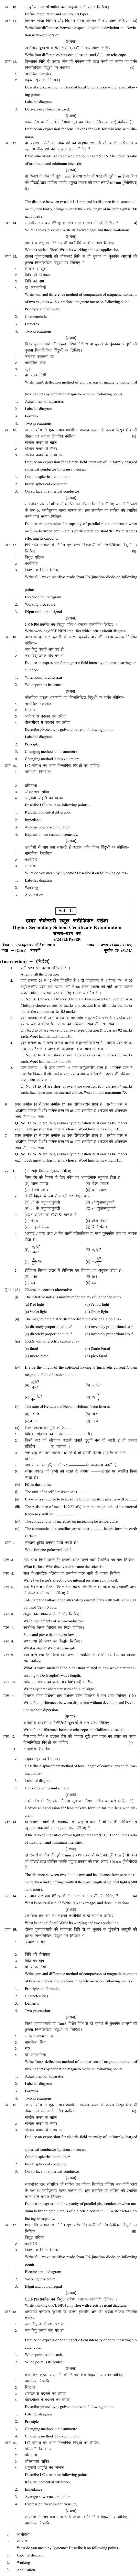 Chattisgarh Board Class 12 PhysicsSample Paper